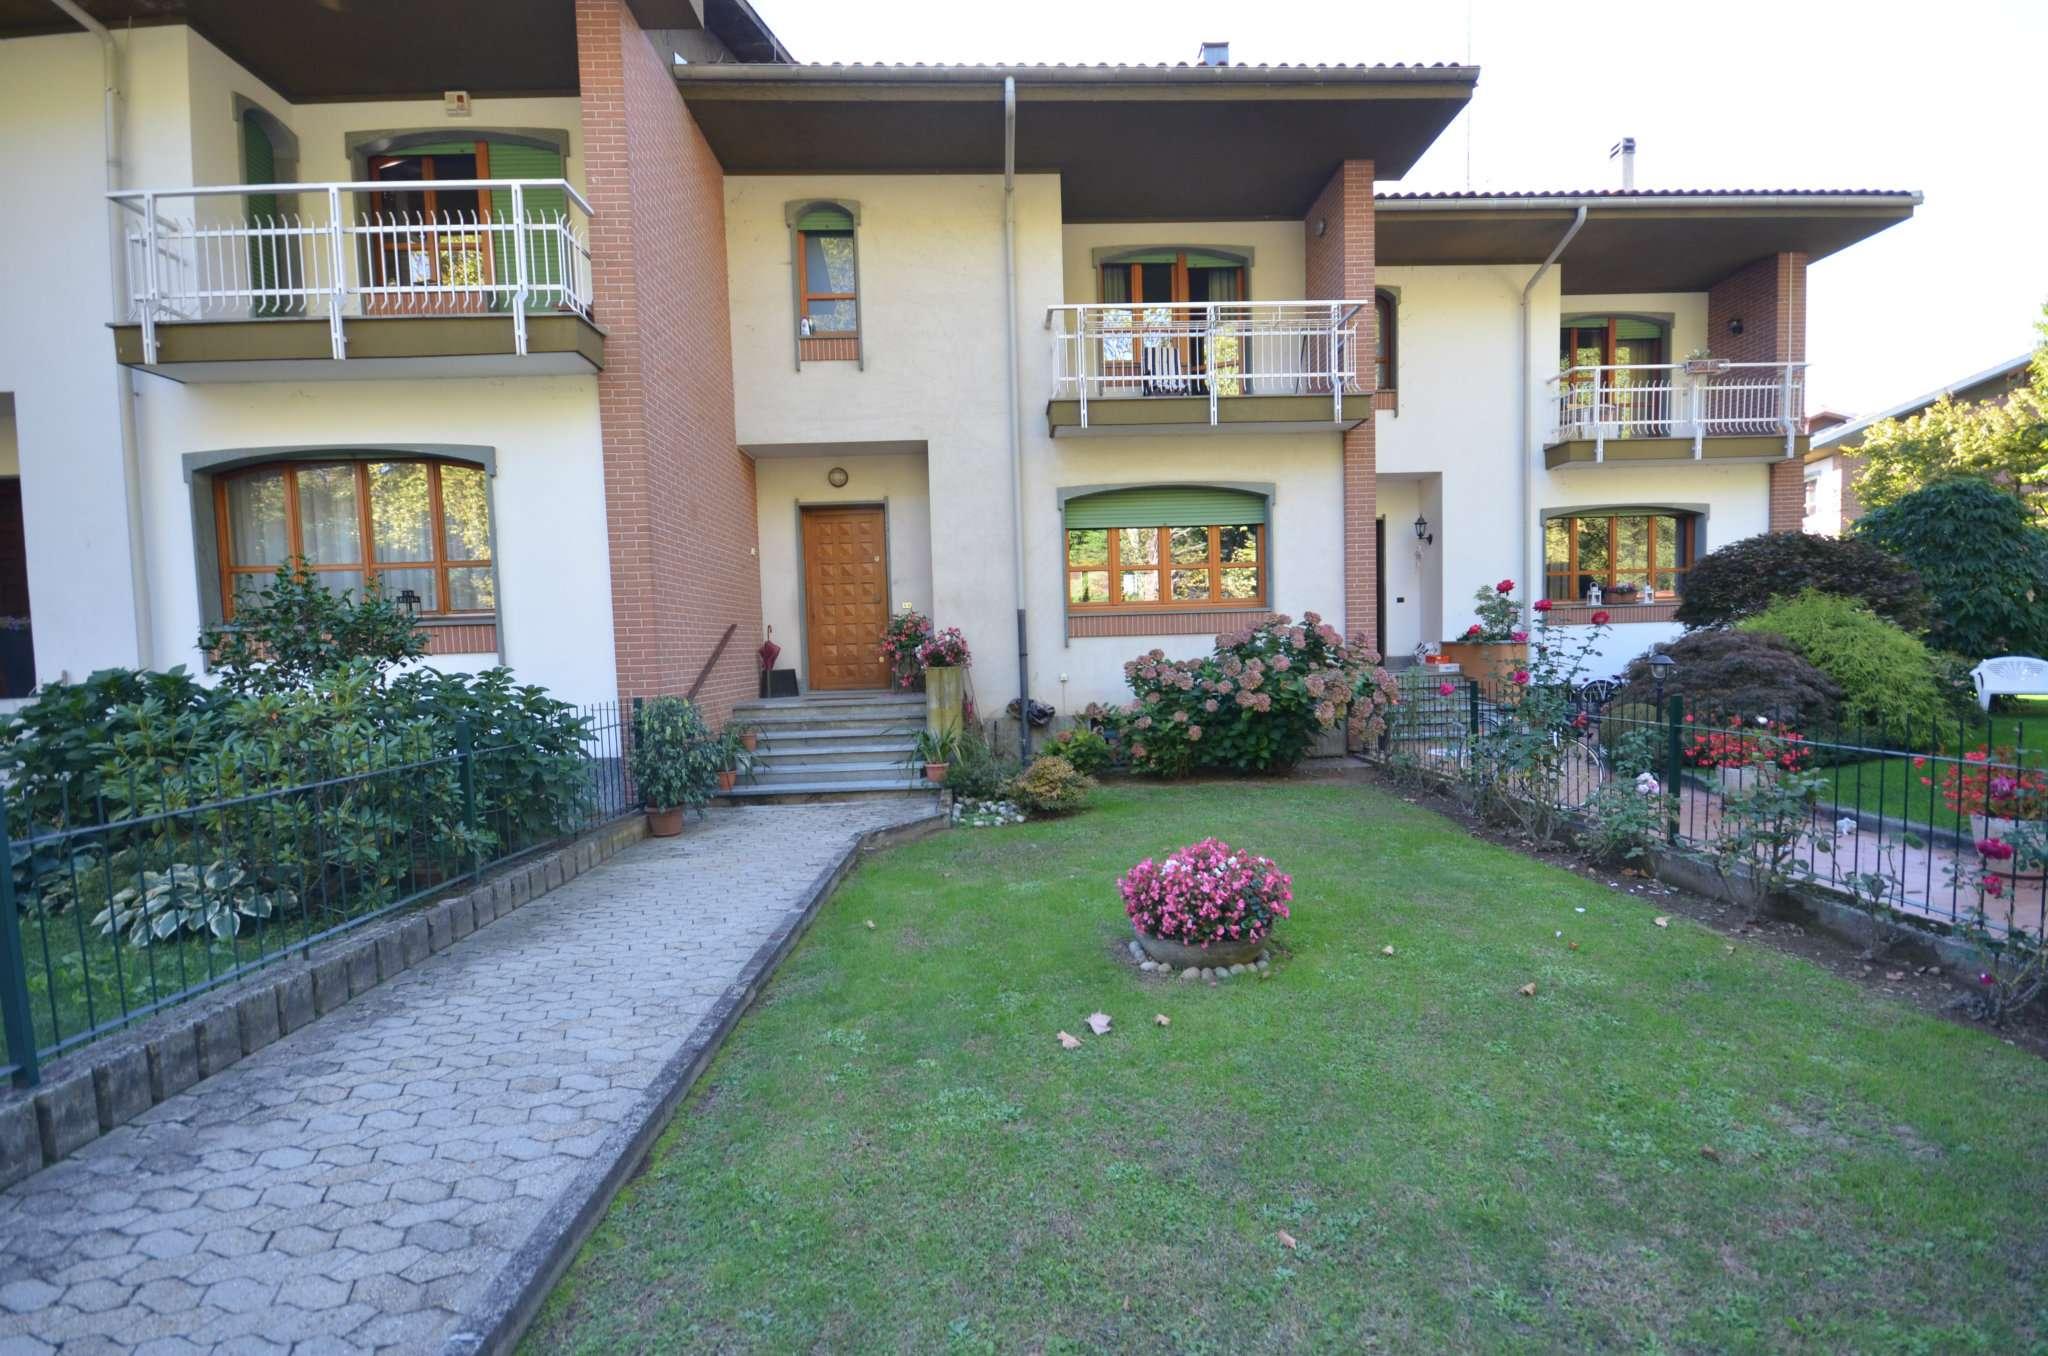 Foto 1 di Villetta a schiera Frazione Madonna dell'Olmo, Cuneo